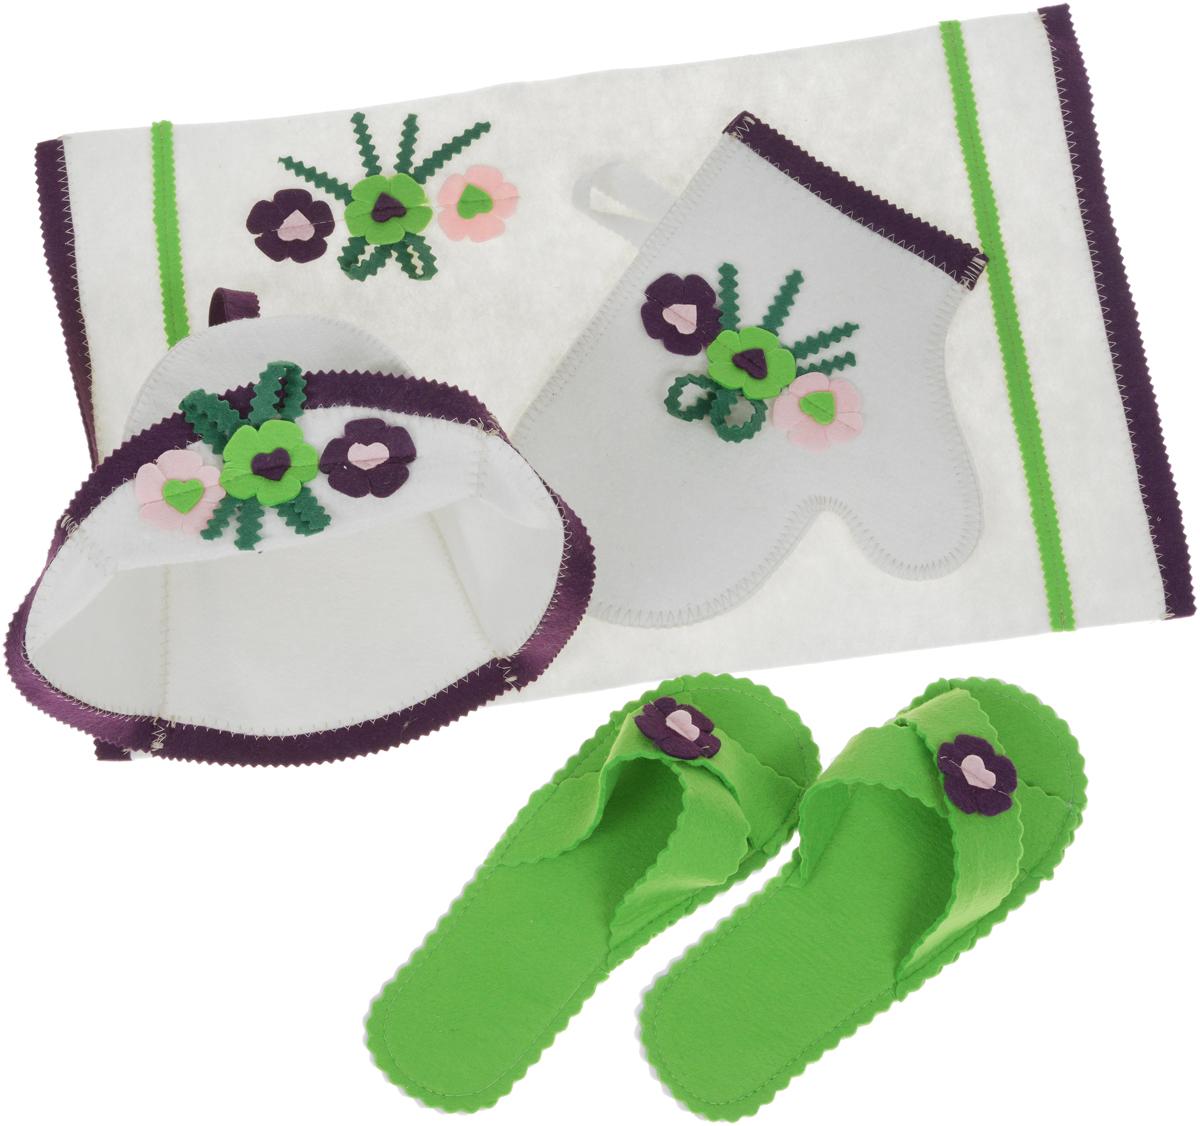 Набор для бани и сауны Доктор баня Весна, цвет: белый, зеленый, 4 предмета часы песочные для бани и сауны доктор баня 10 минут